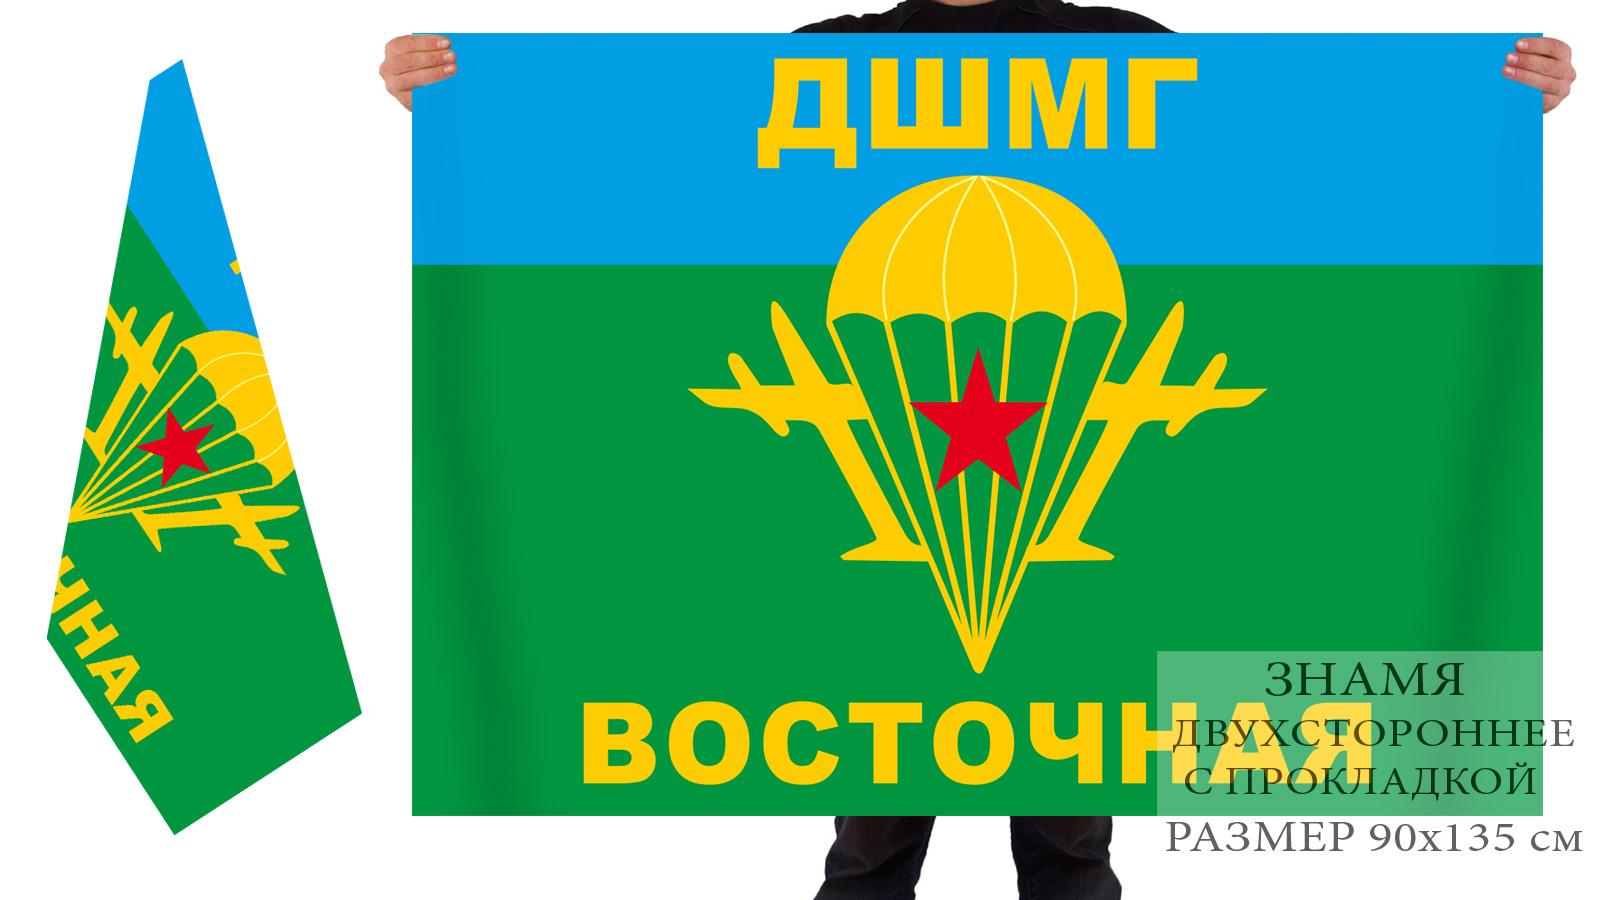 Двусторонний флаг Восточной десантно-штурмовой манёвренной группы